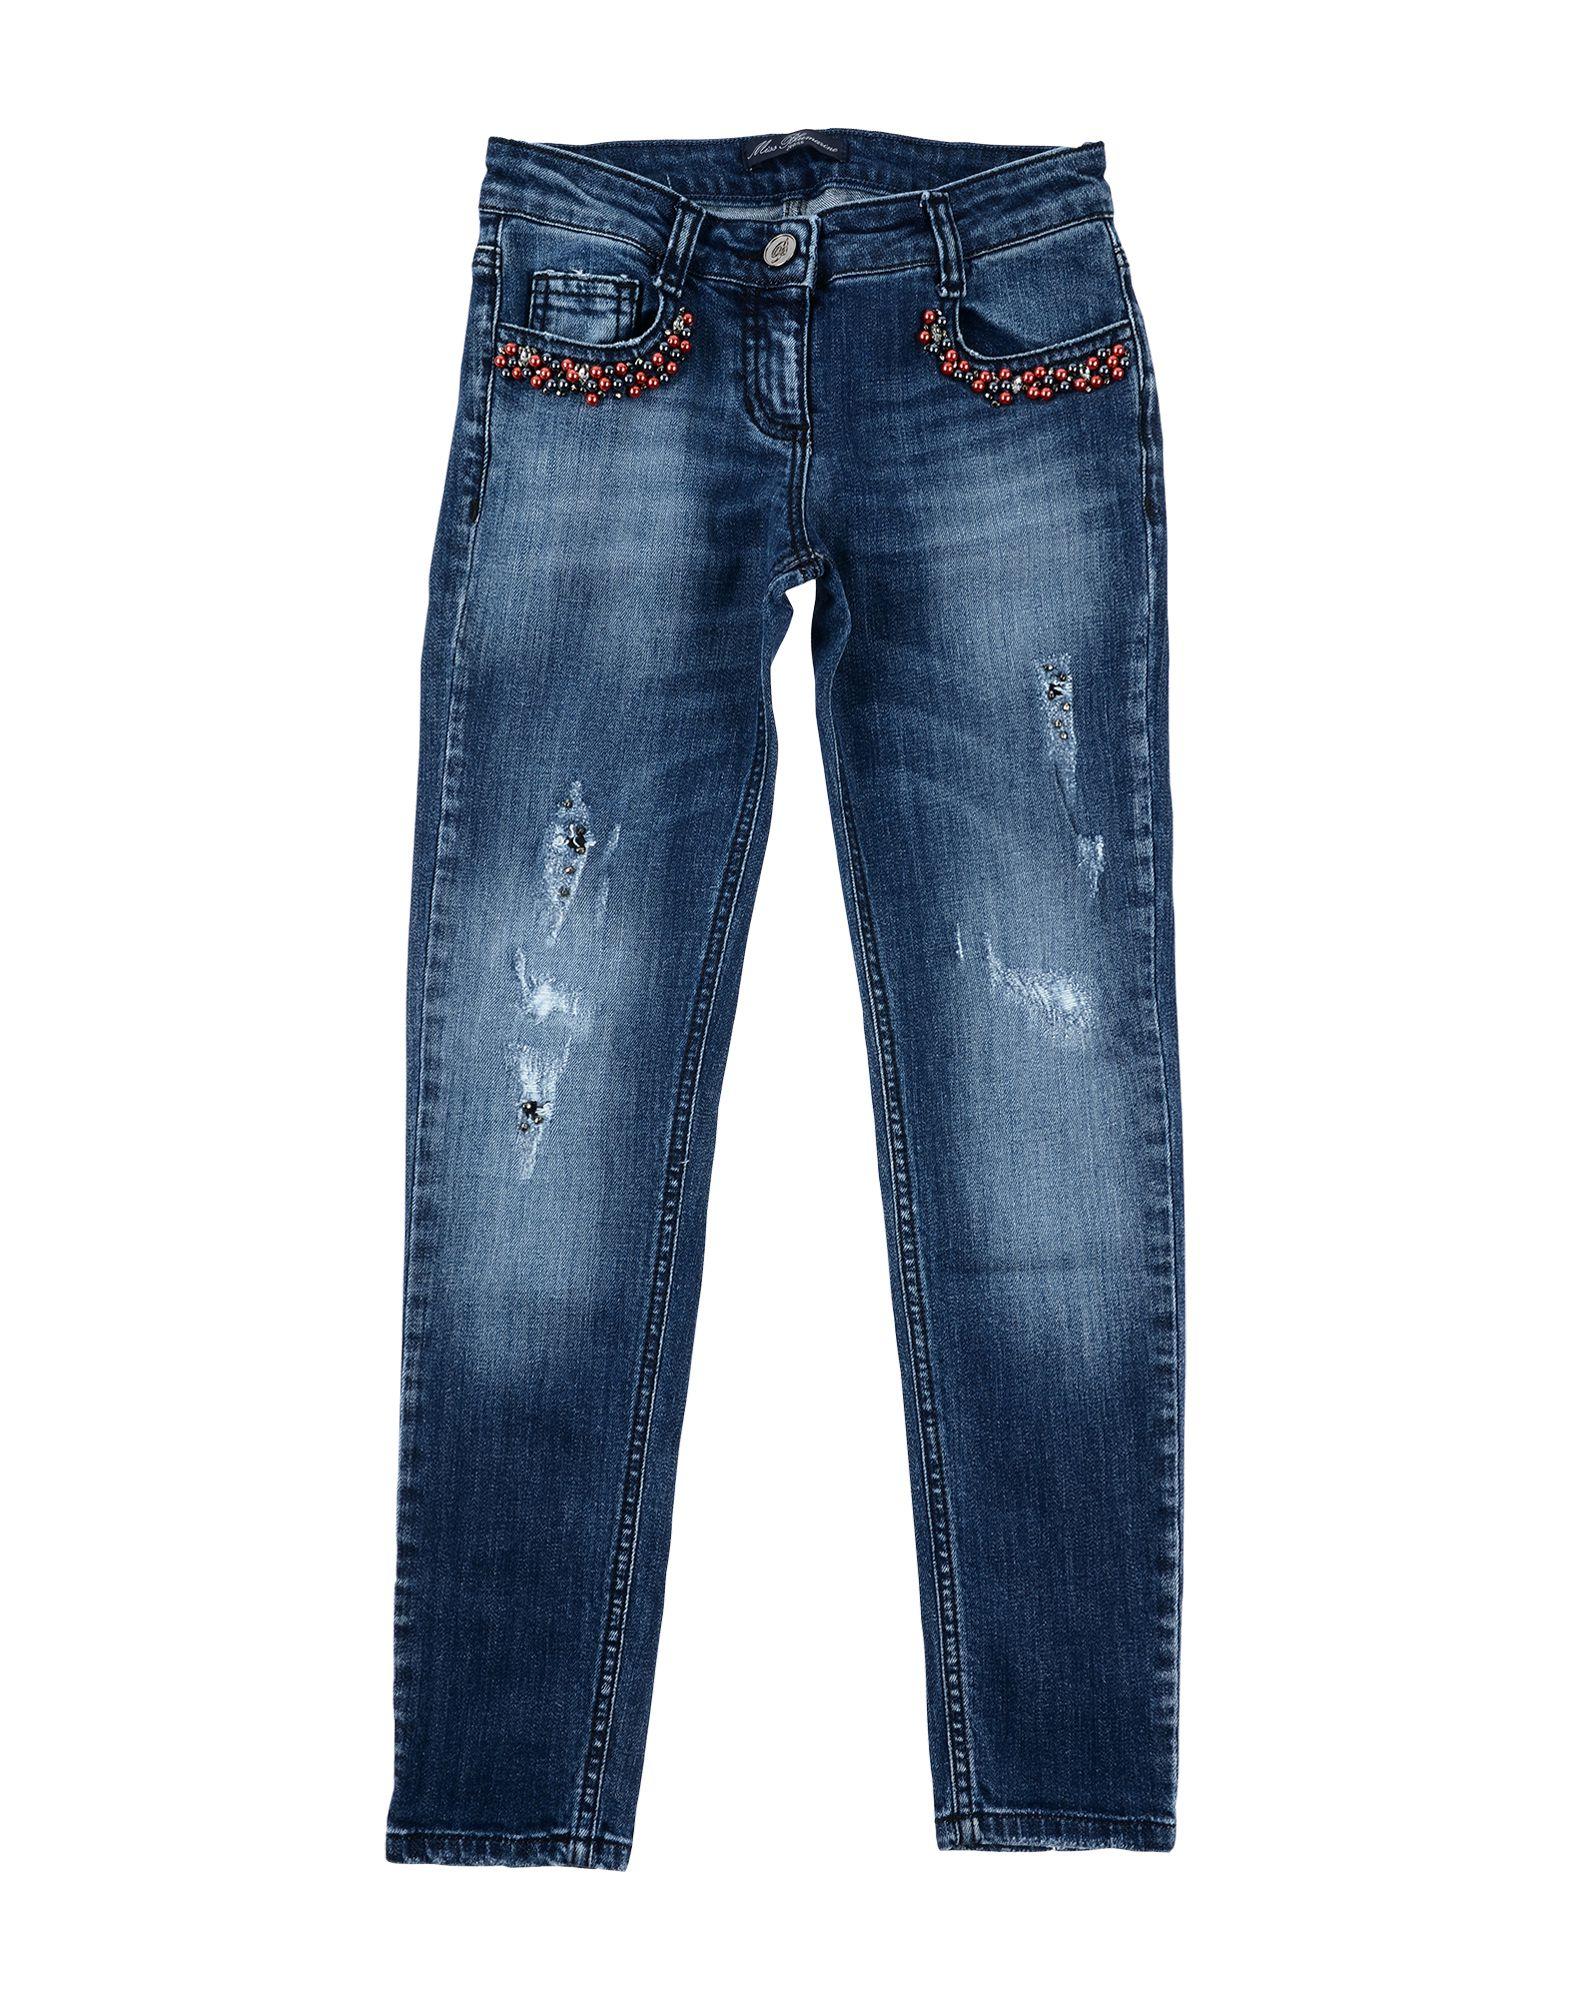 MISS BLUMARINE Джинсовые брюки брюки текстильные джинсовые для девочек 110 362011 синий деним ean 4690244736511